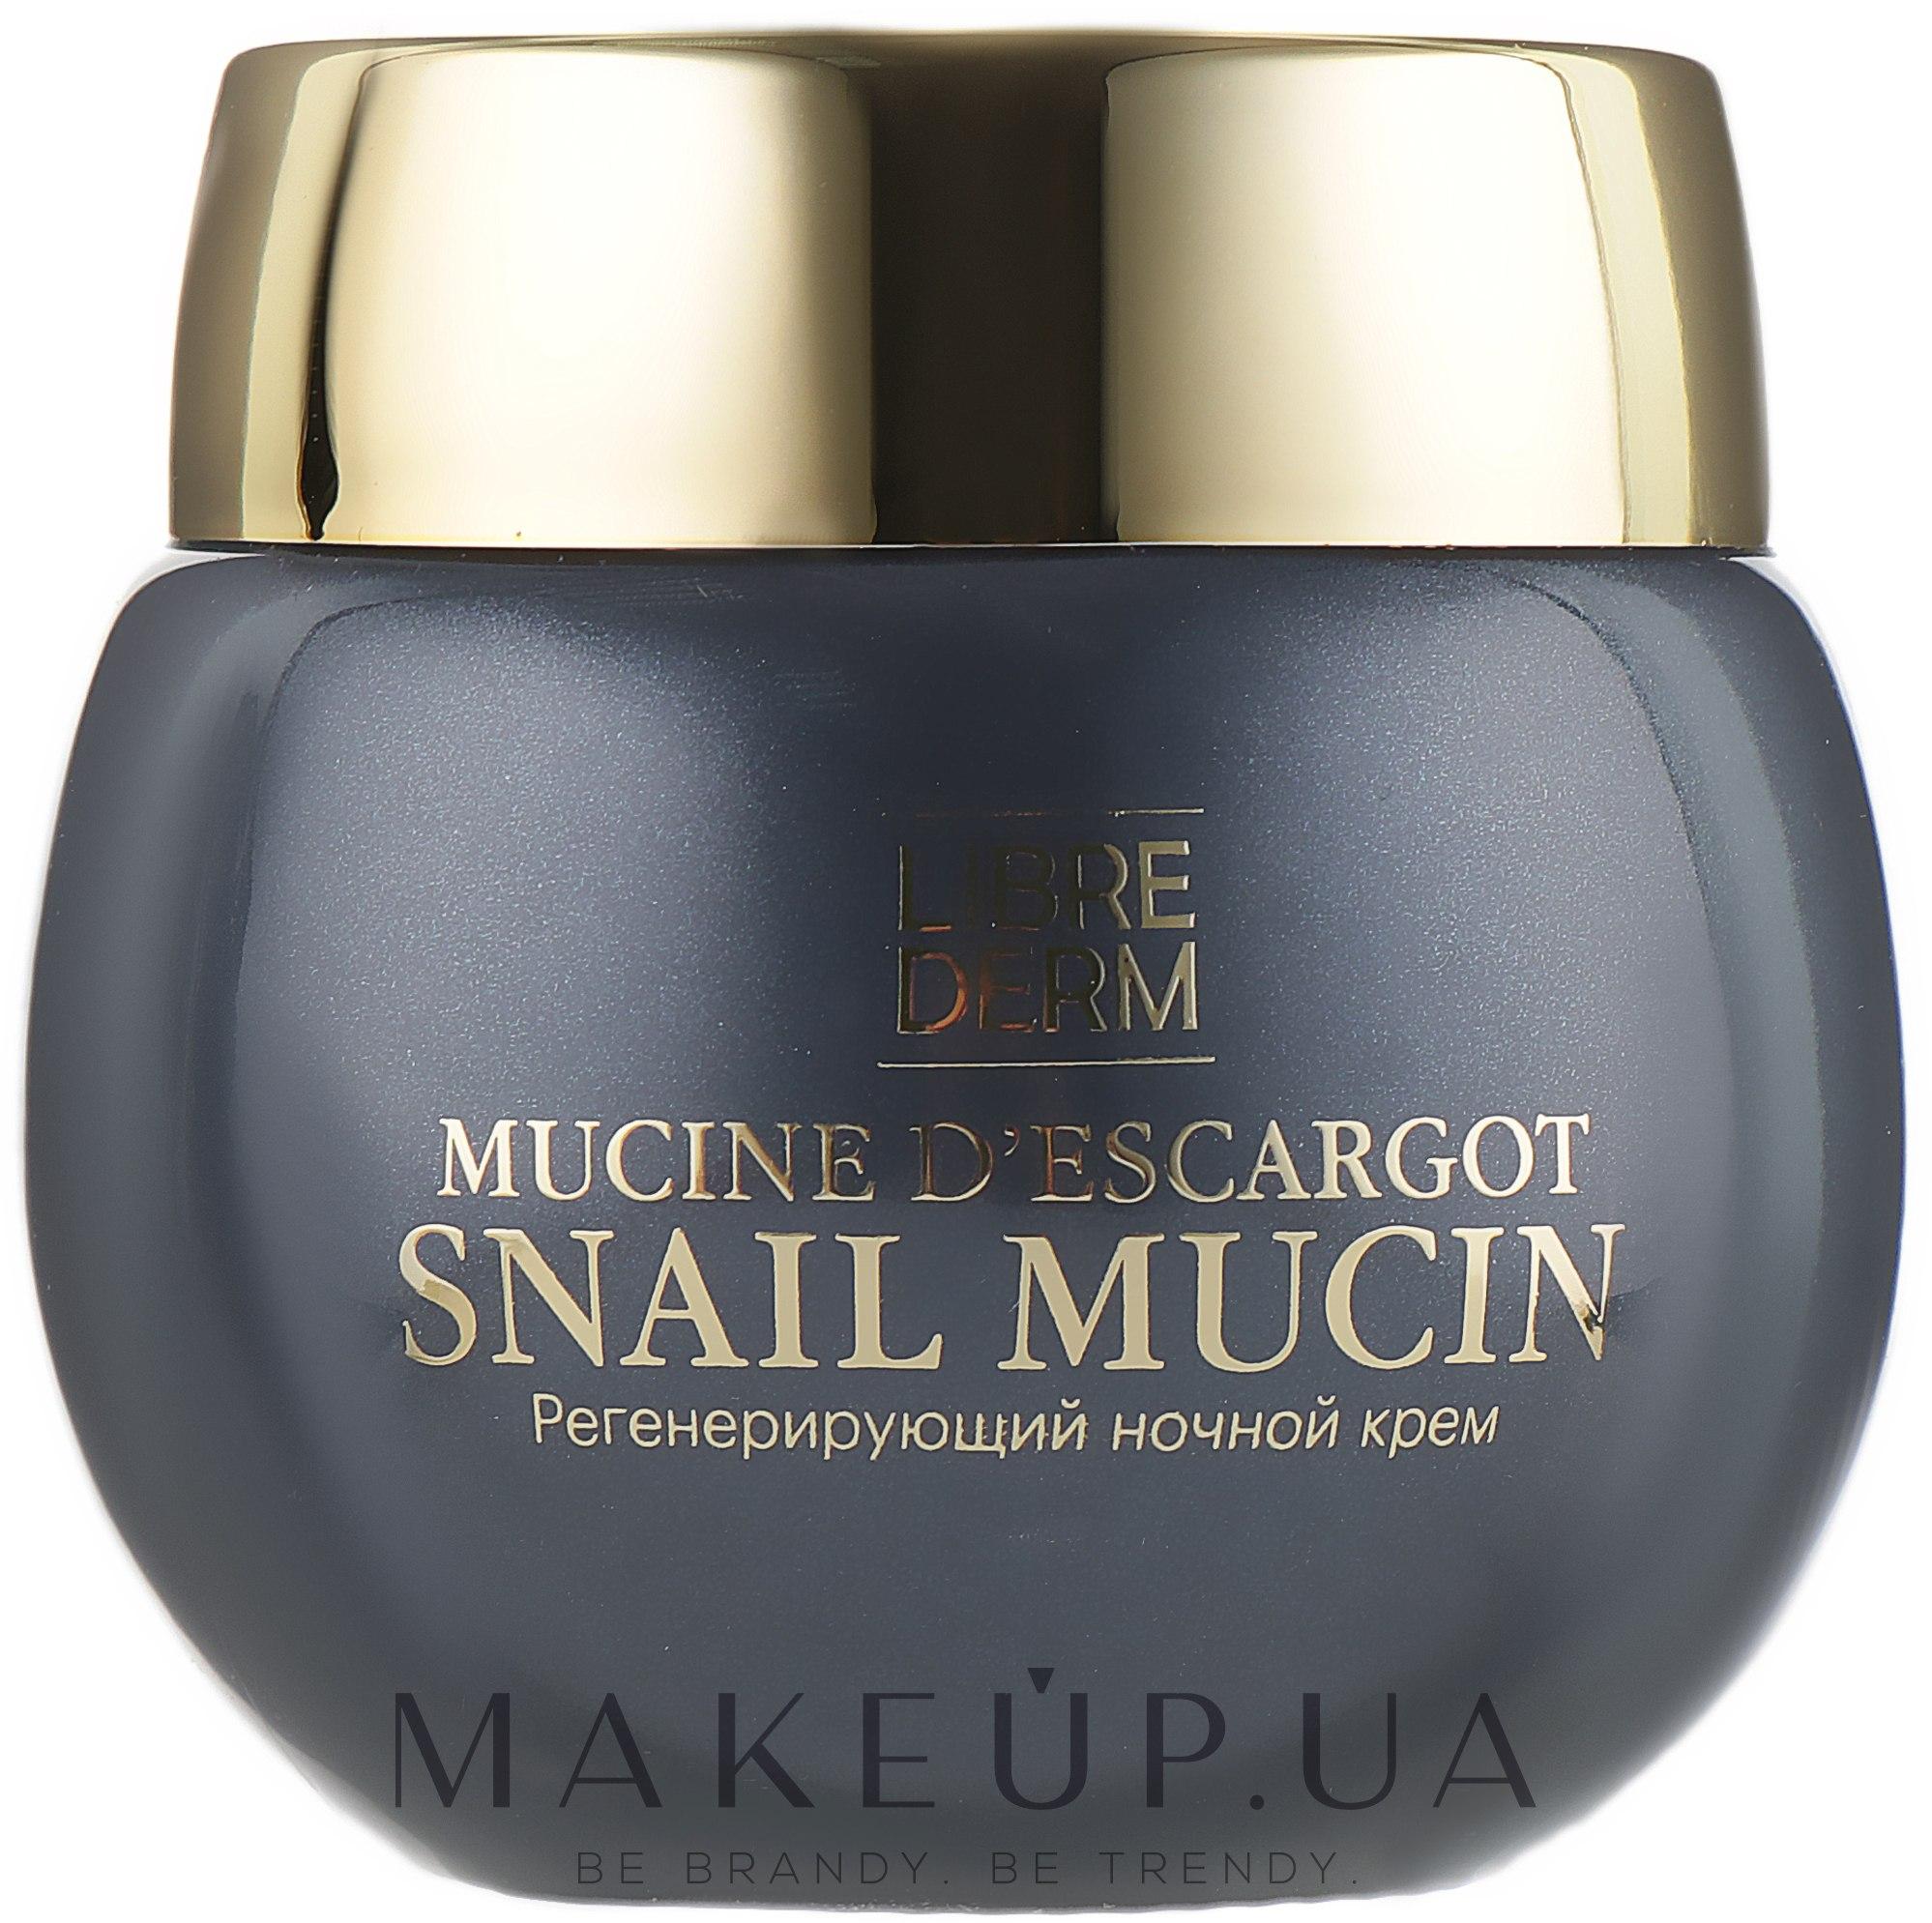 Регенерирующий ночной крем для лица с муцином улитки - Librederm Snail Mucin Regenerating Night Cream — фото 50ml